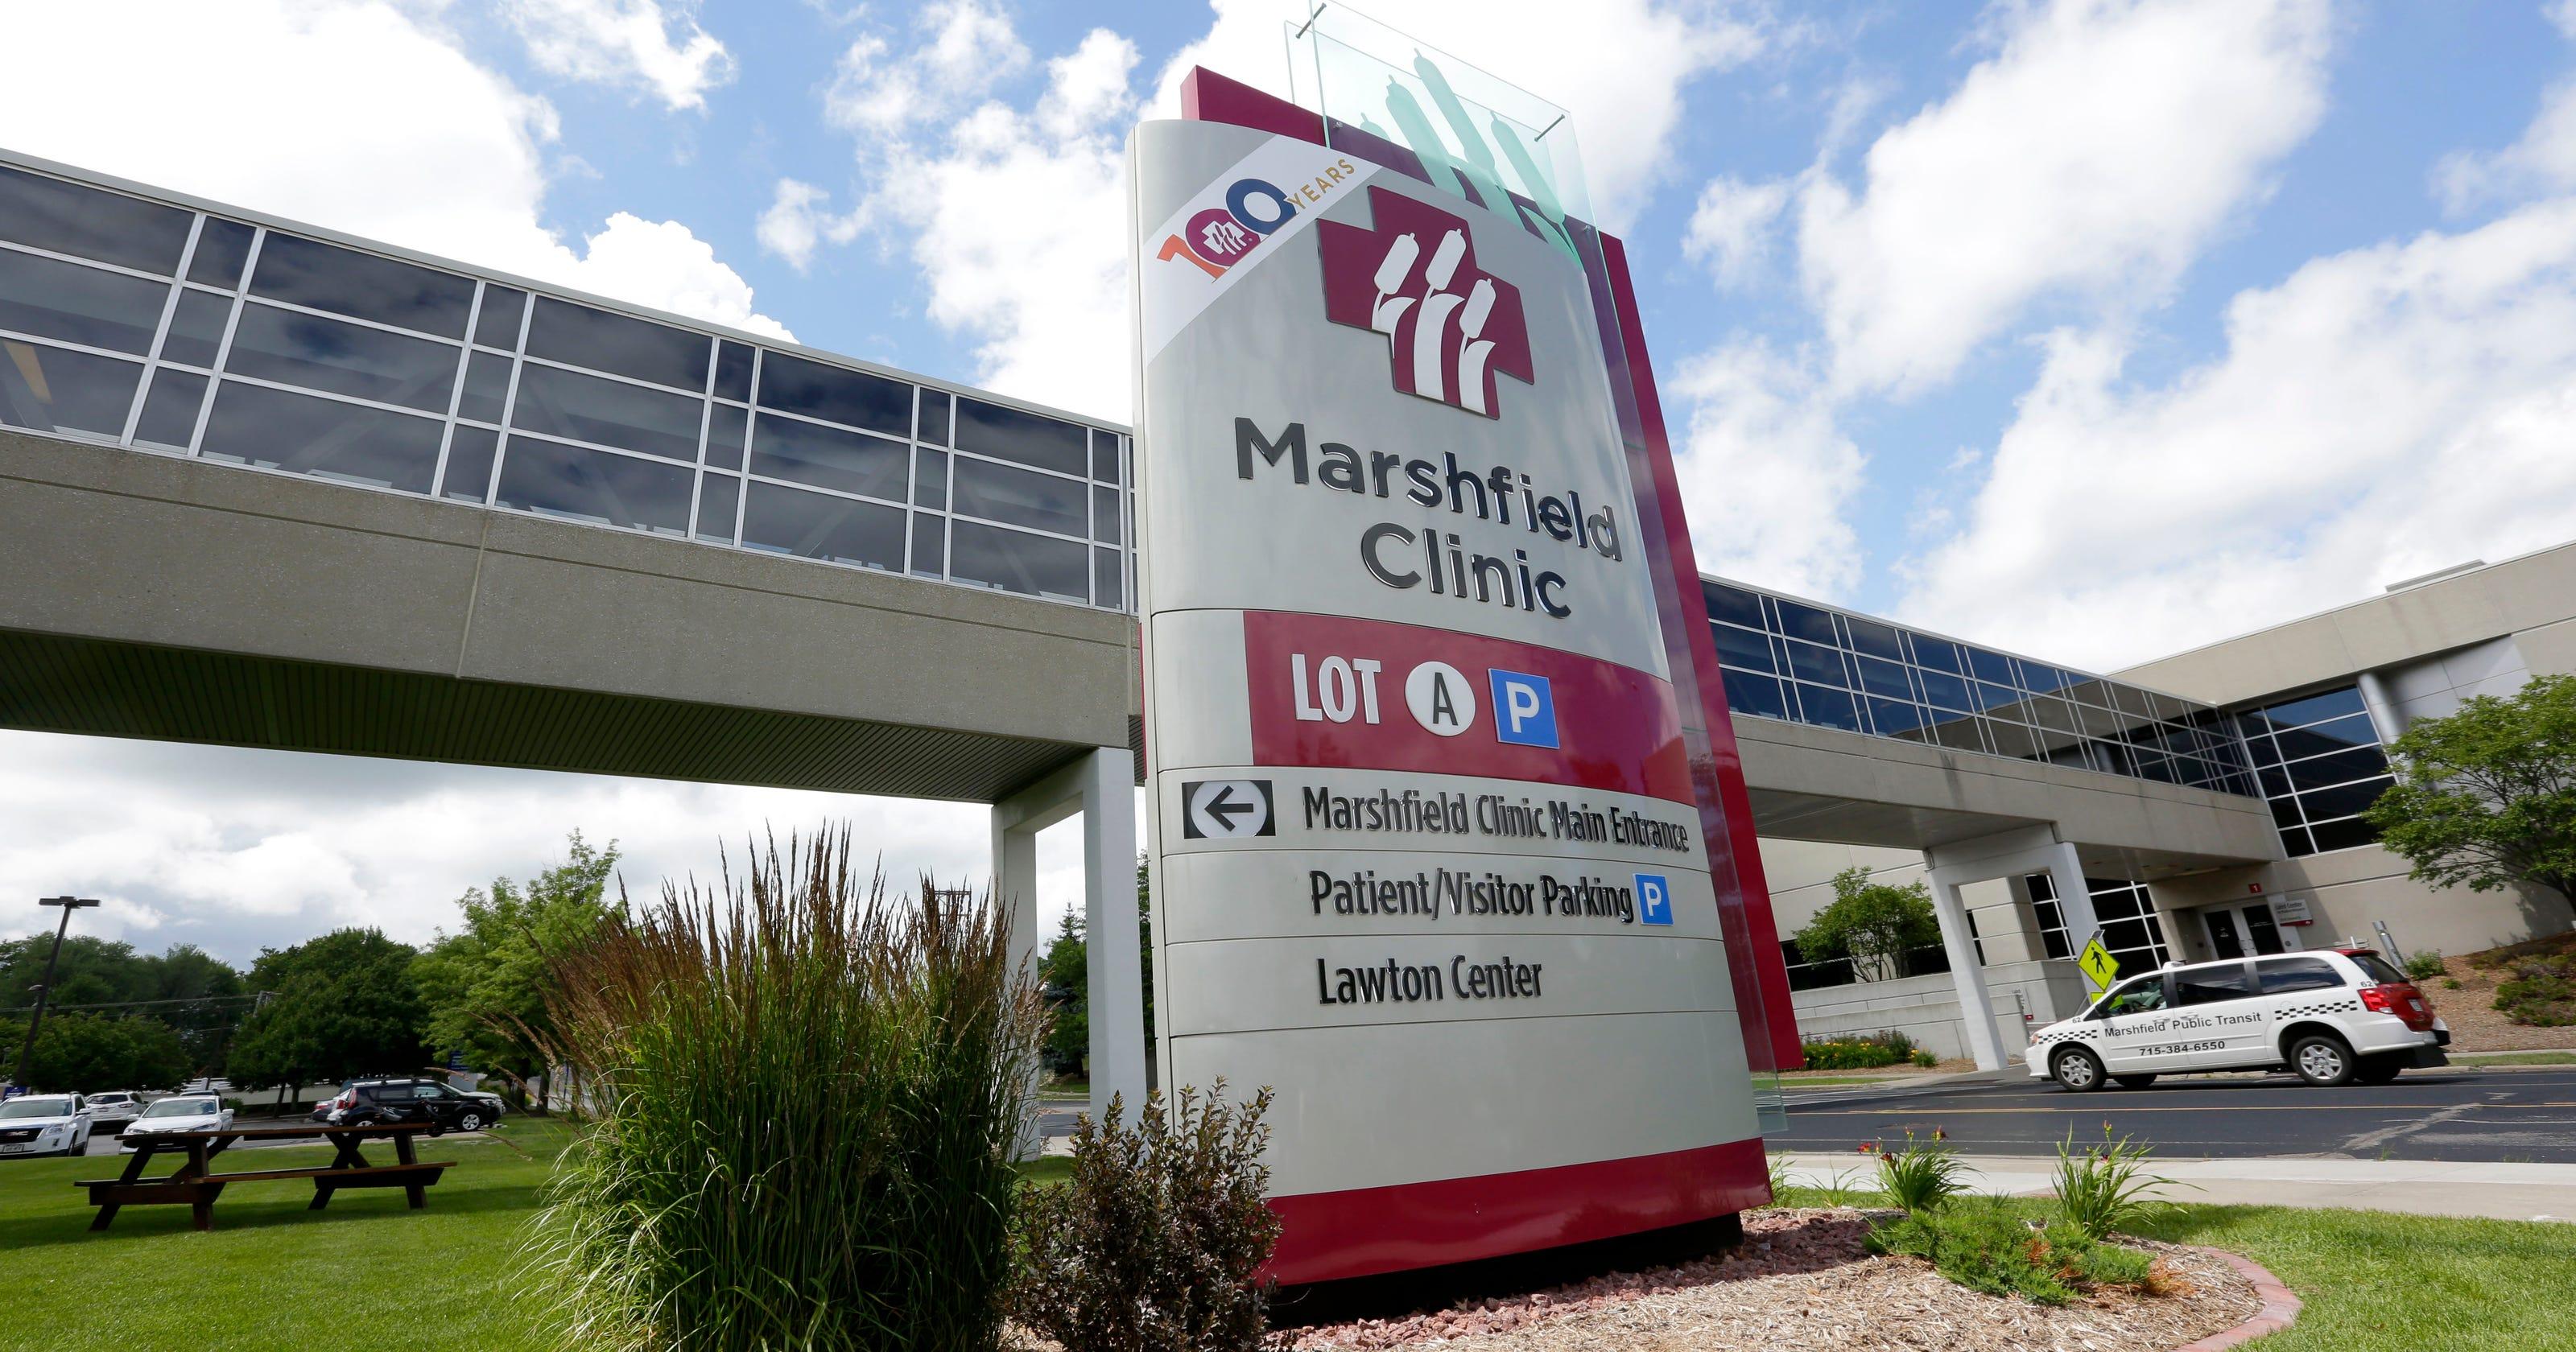 Marshfield Clinic Seeks To Borrow 1 Billion